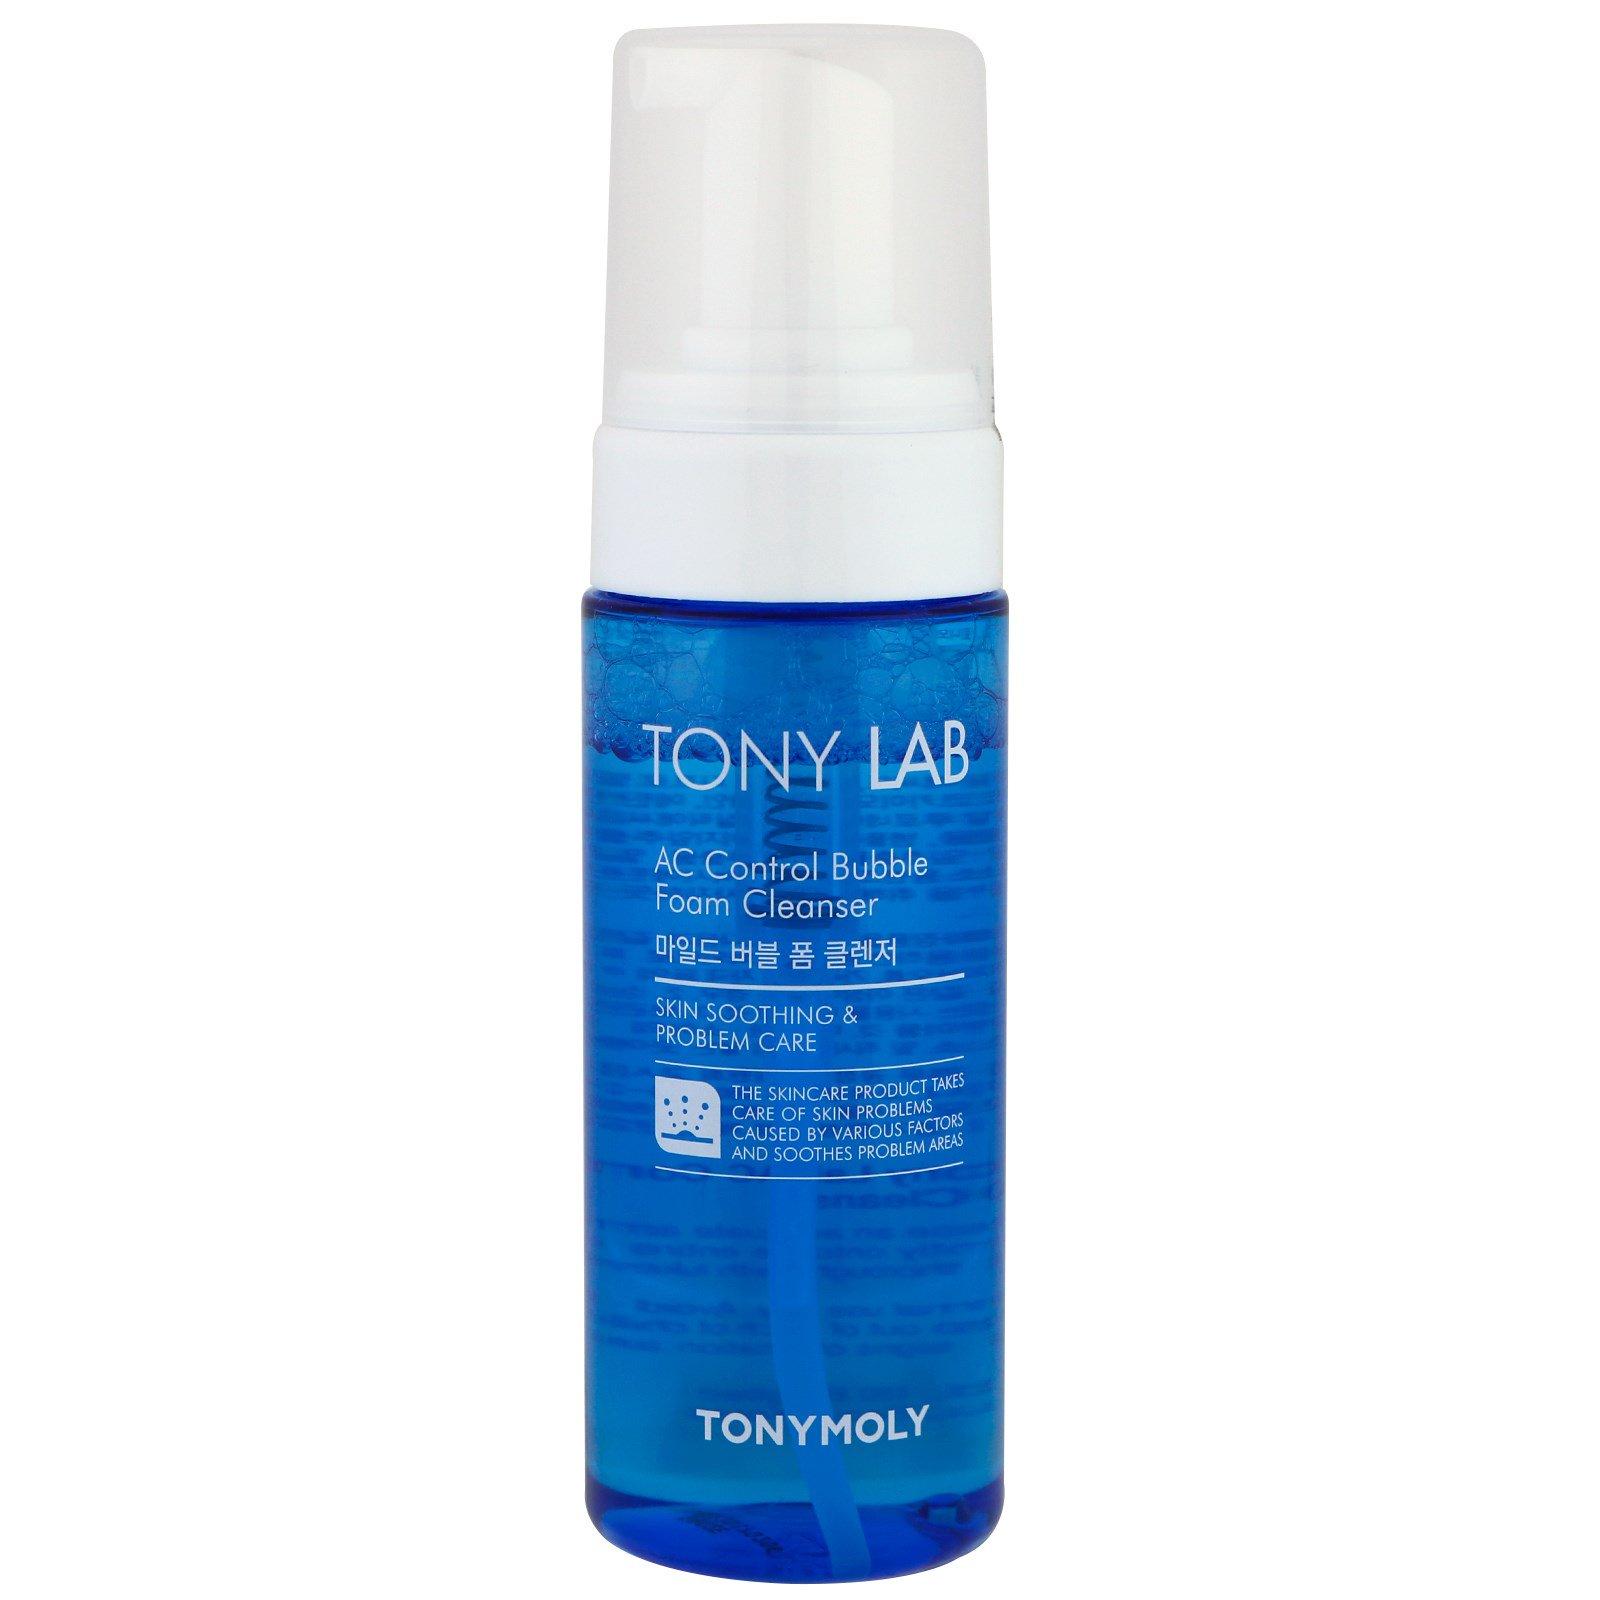 Tony Moly, Tony Lab, пузырчатое пенное чистящее средство с контролем AC, 150 мл